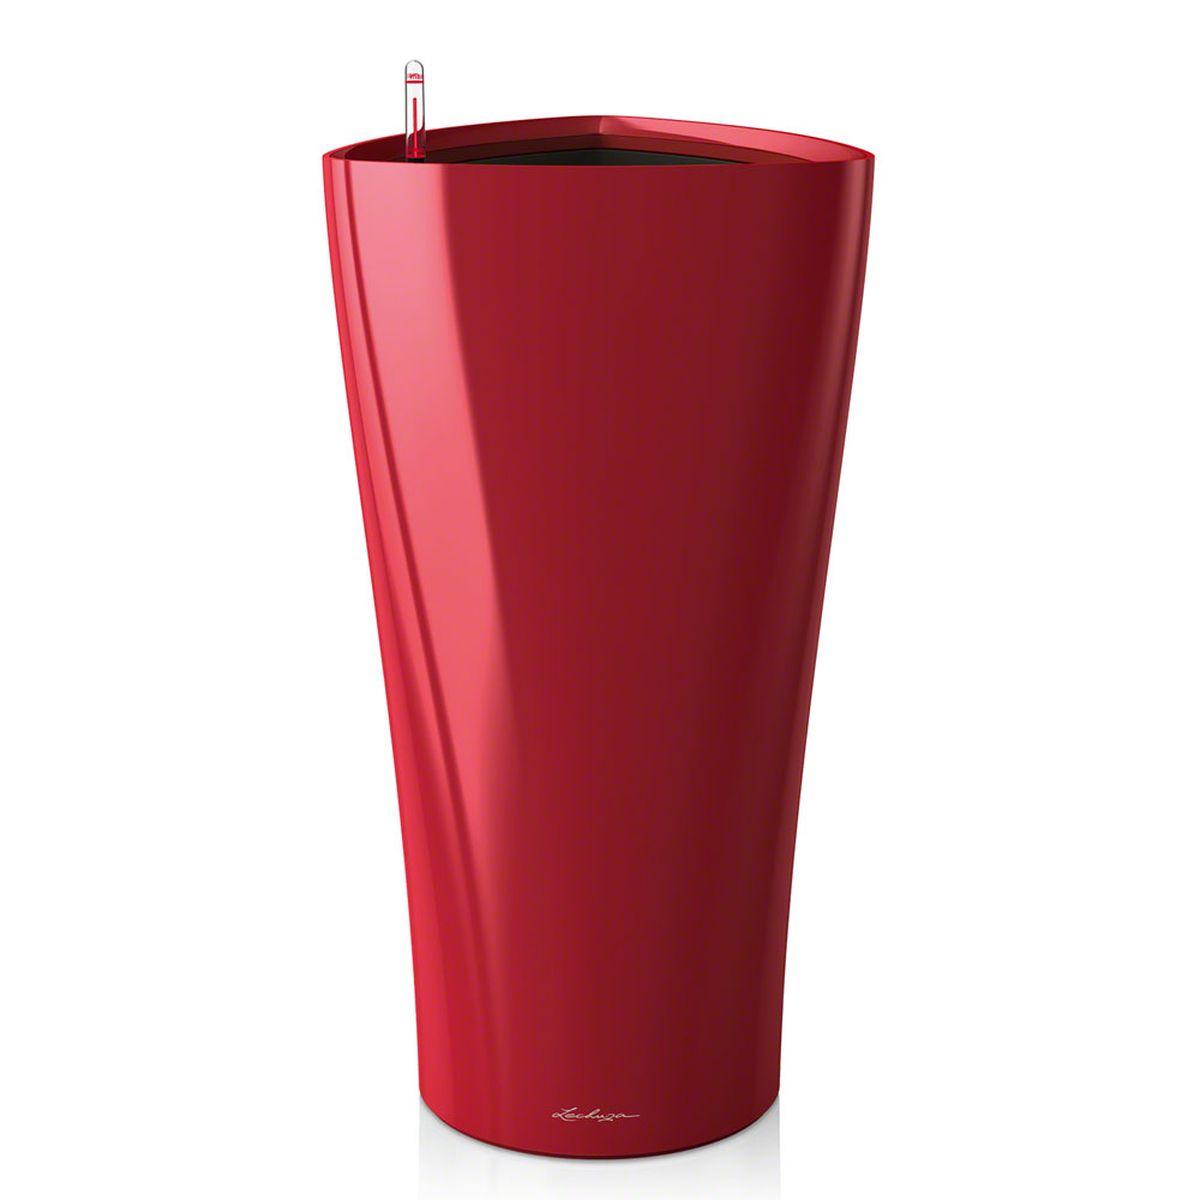 Кашпо Lechuza Delta, с системой автополива, цвет: красный, 30 х 30 х 56 см15519Кашпо Lechuza Delta, выполненное из высококачественного пластика, имеет уникальную систему автополива, благодаря которой корневая система растения непрерывно снабжается влагой из резервуара. Уровень воды в резервуаре контролируется с помощью специального индикатора. В зависимости от размера кашпо и растения воды хватает на 2-12 недель. Это способствует хорошему росту цветов и предотвращает переувлажнение.В набор входит: кашпо, внутренний горшок, индикатор уровня воды, вал подачи воды, субстрат растений в качестве дренажного слоя, резервуар для воды.Кашпо Lechuza Delta прекрасно впишется в любой интерьер. Оно поможет расставить нужные акценты и придаст помещению вид, соответствующий вашим представлениям.